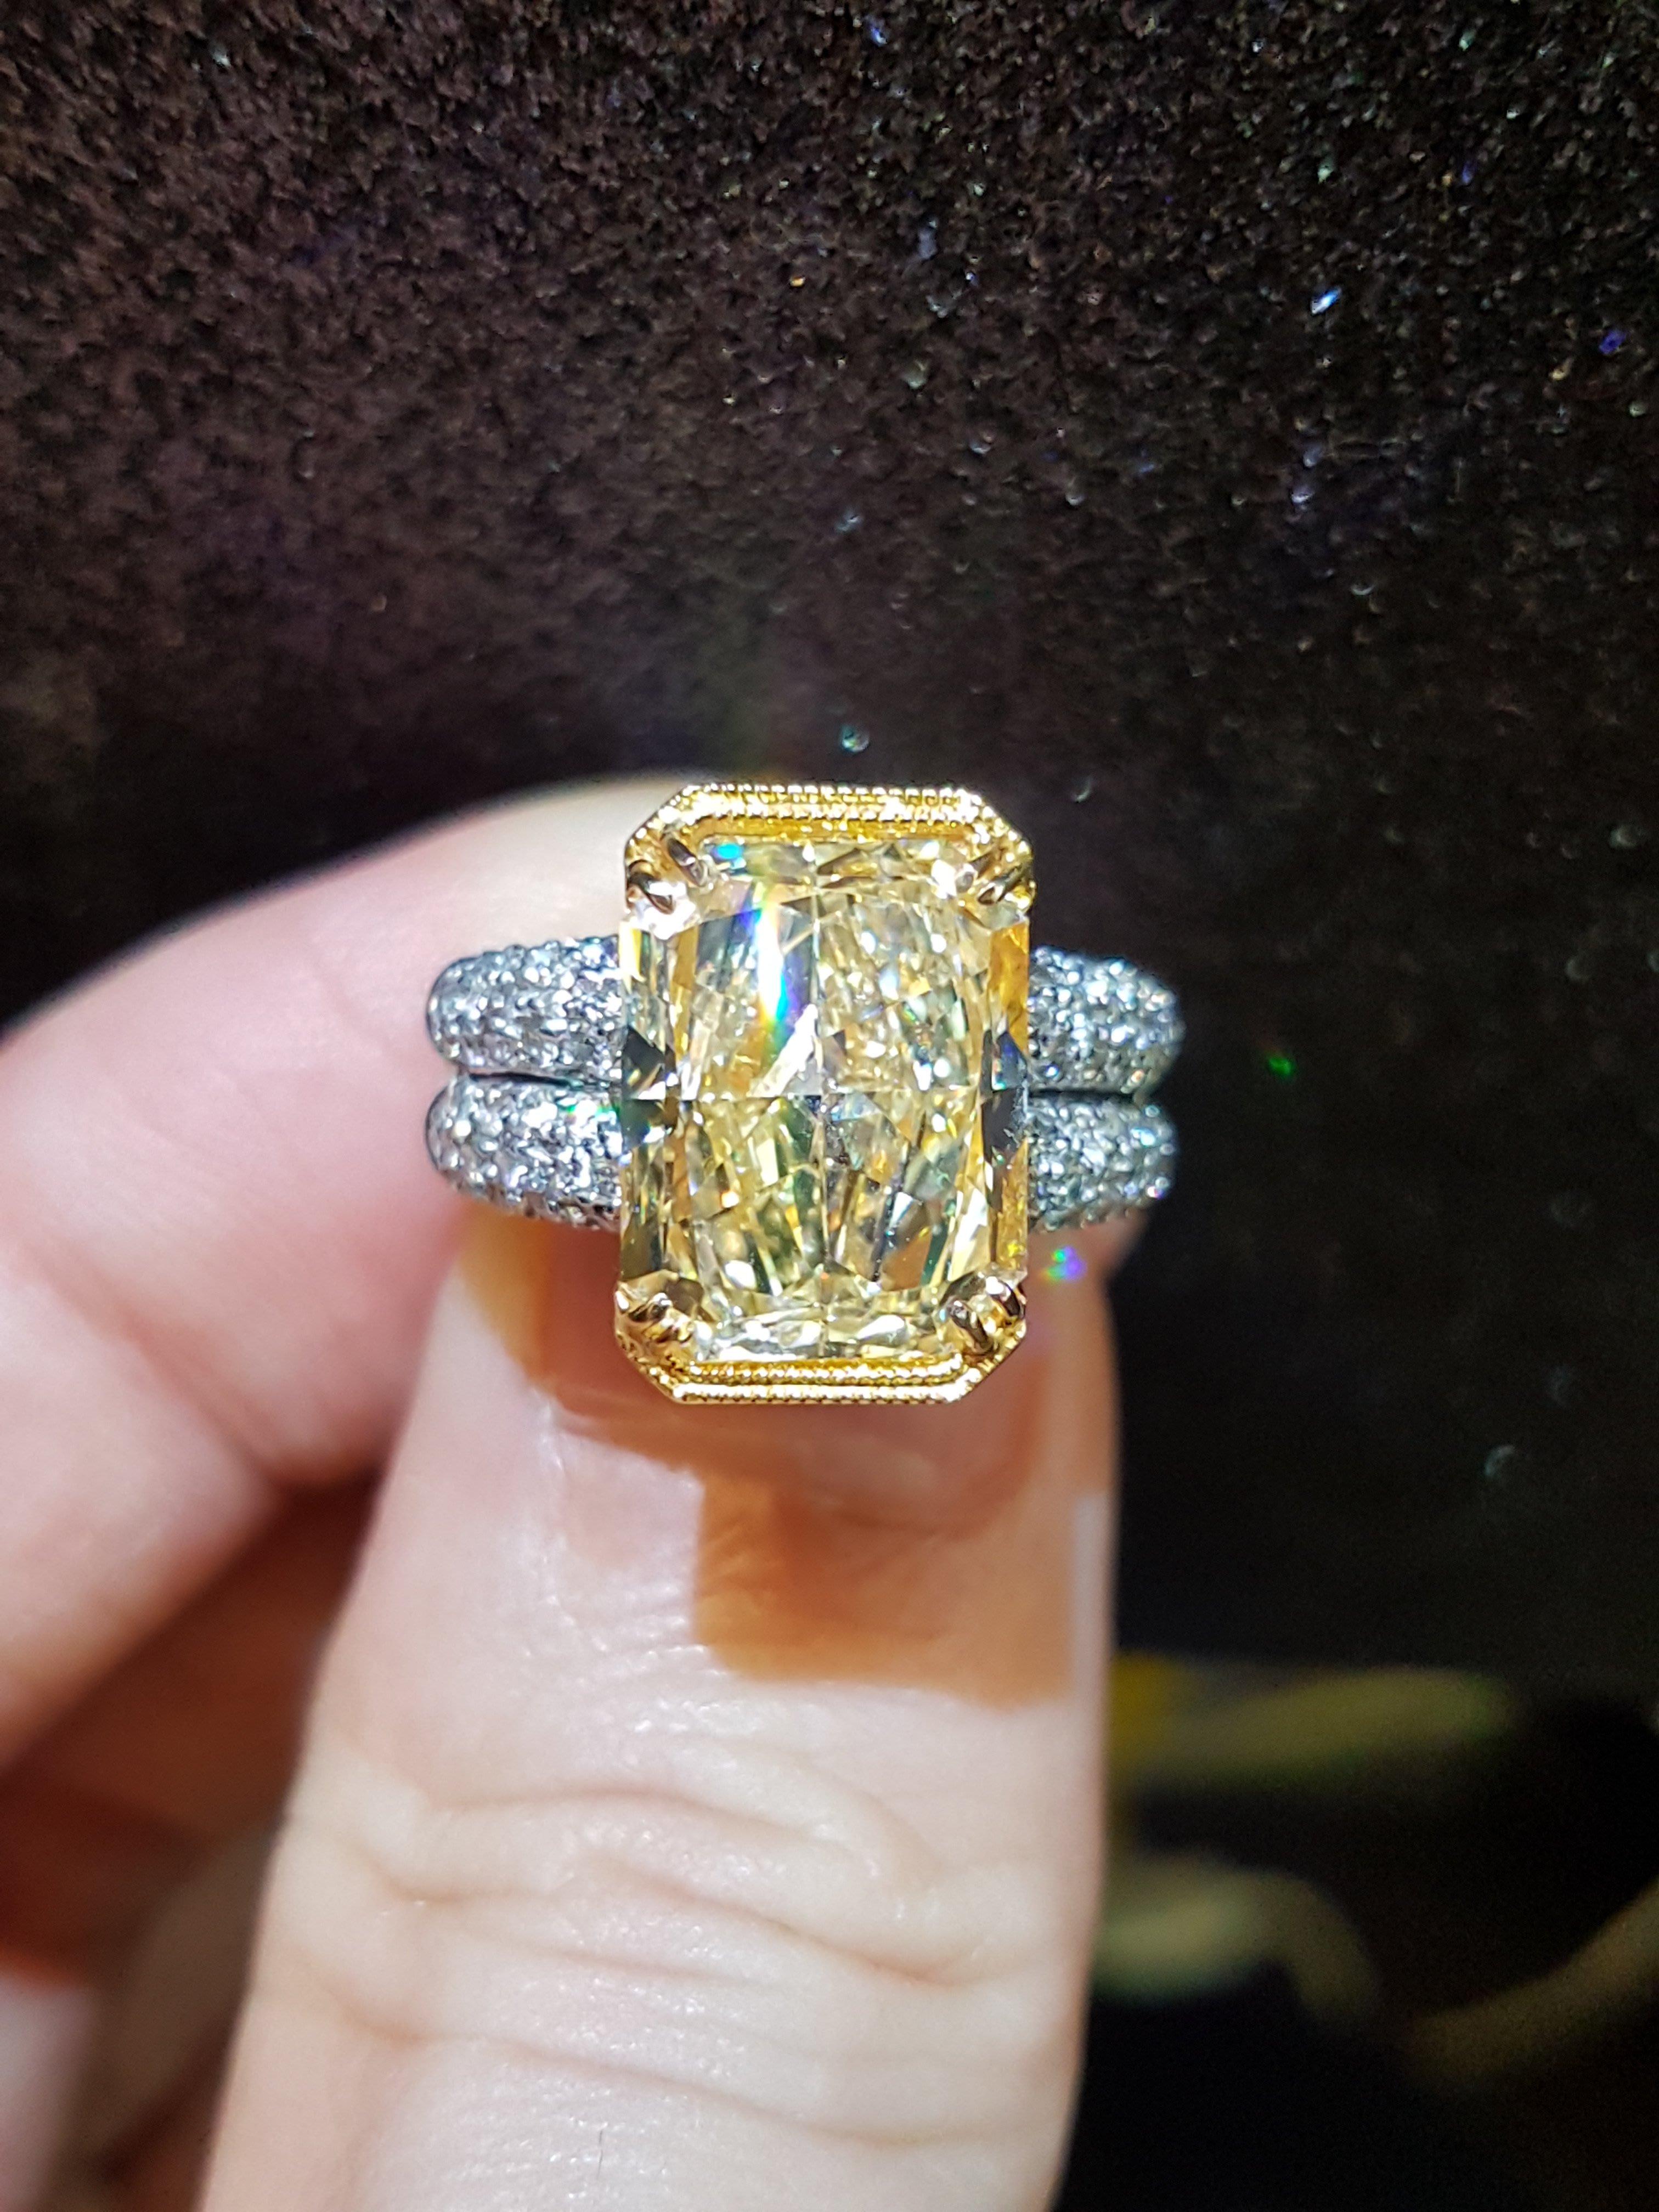 7克拉收藏品 正彩黃鑽石Fancy Light Yellow 香港精鑲18k天然配鑽